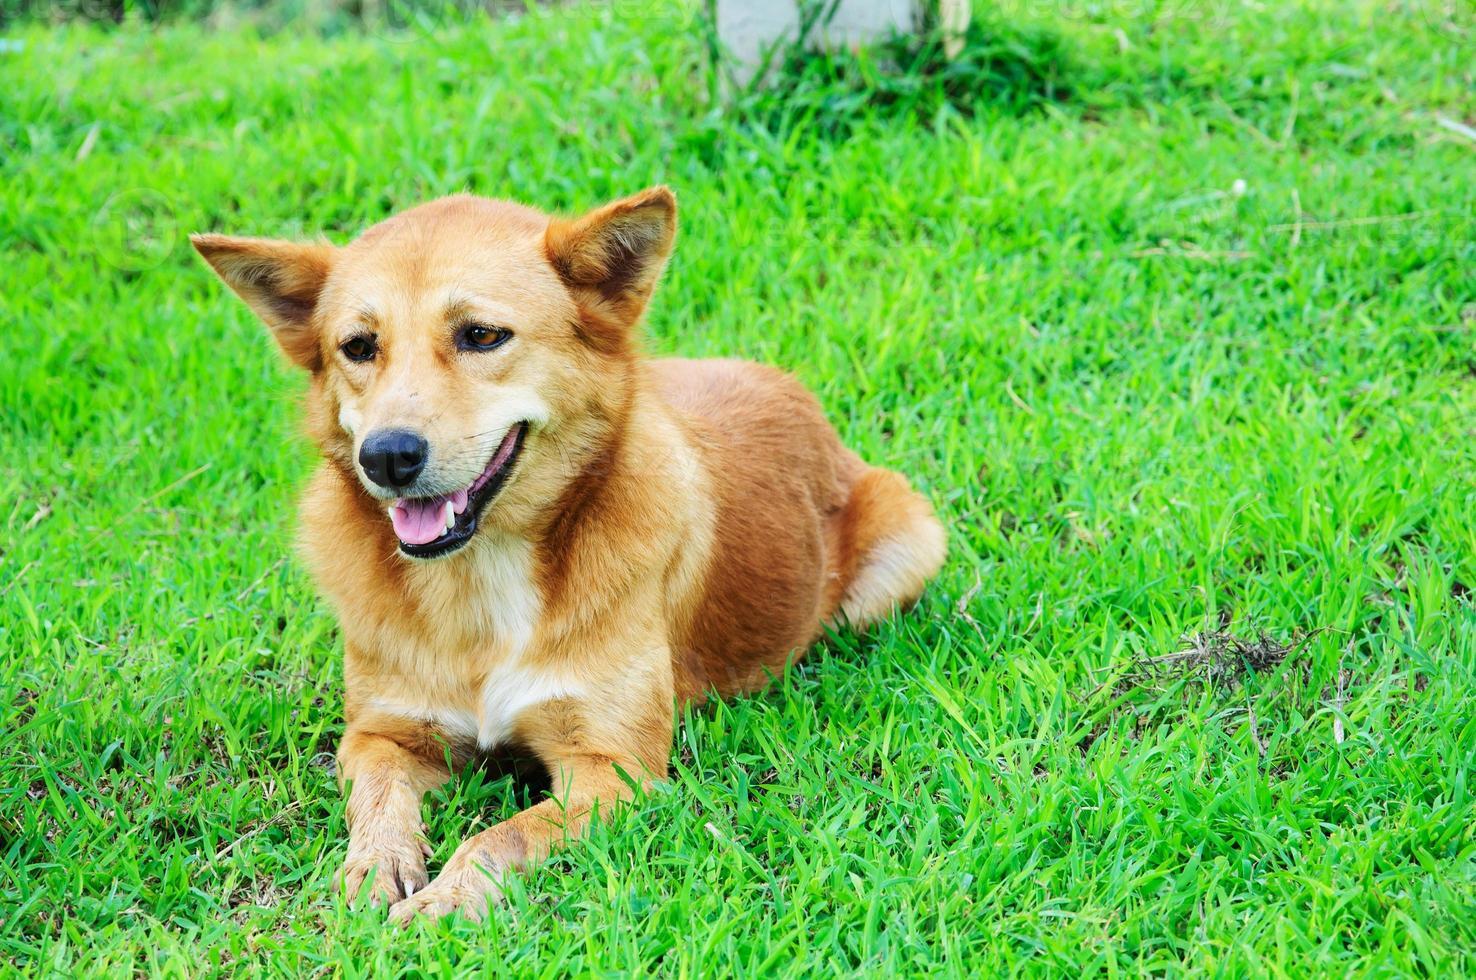 der Hund genießt auf Gras in der Natur (selektiver Fokus) foto